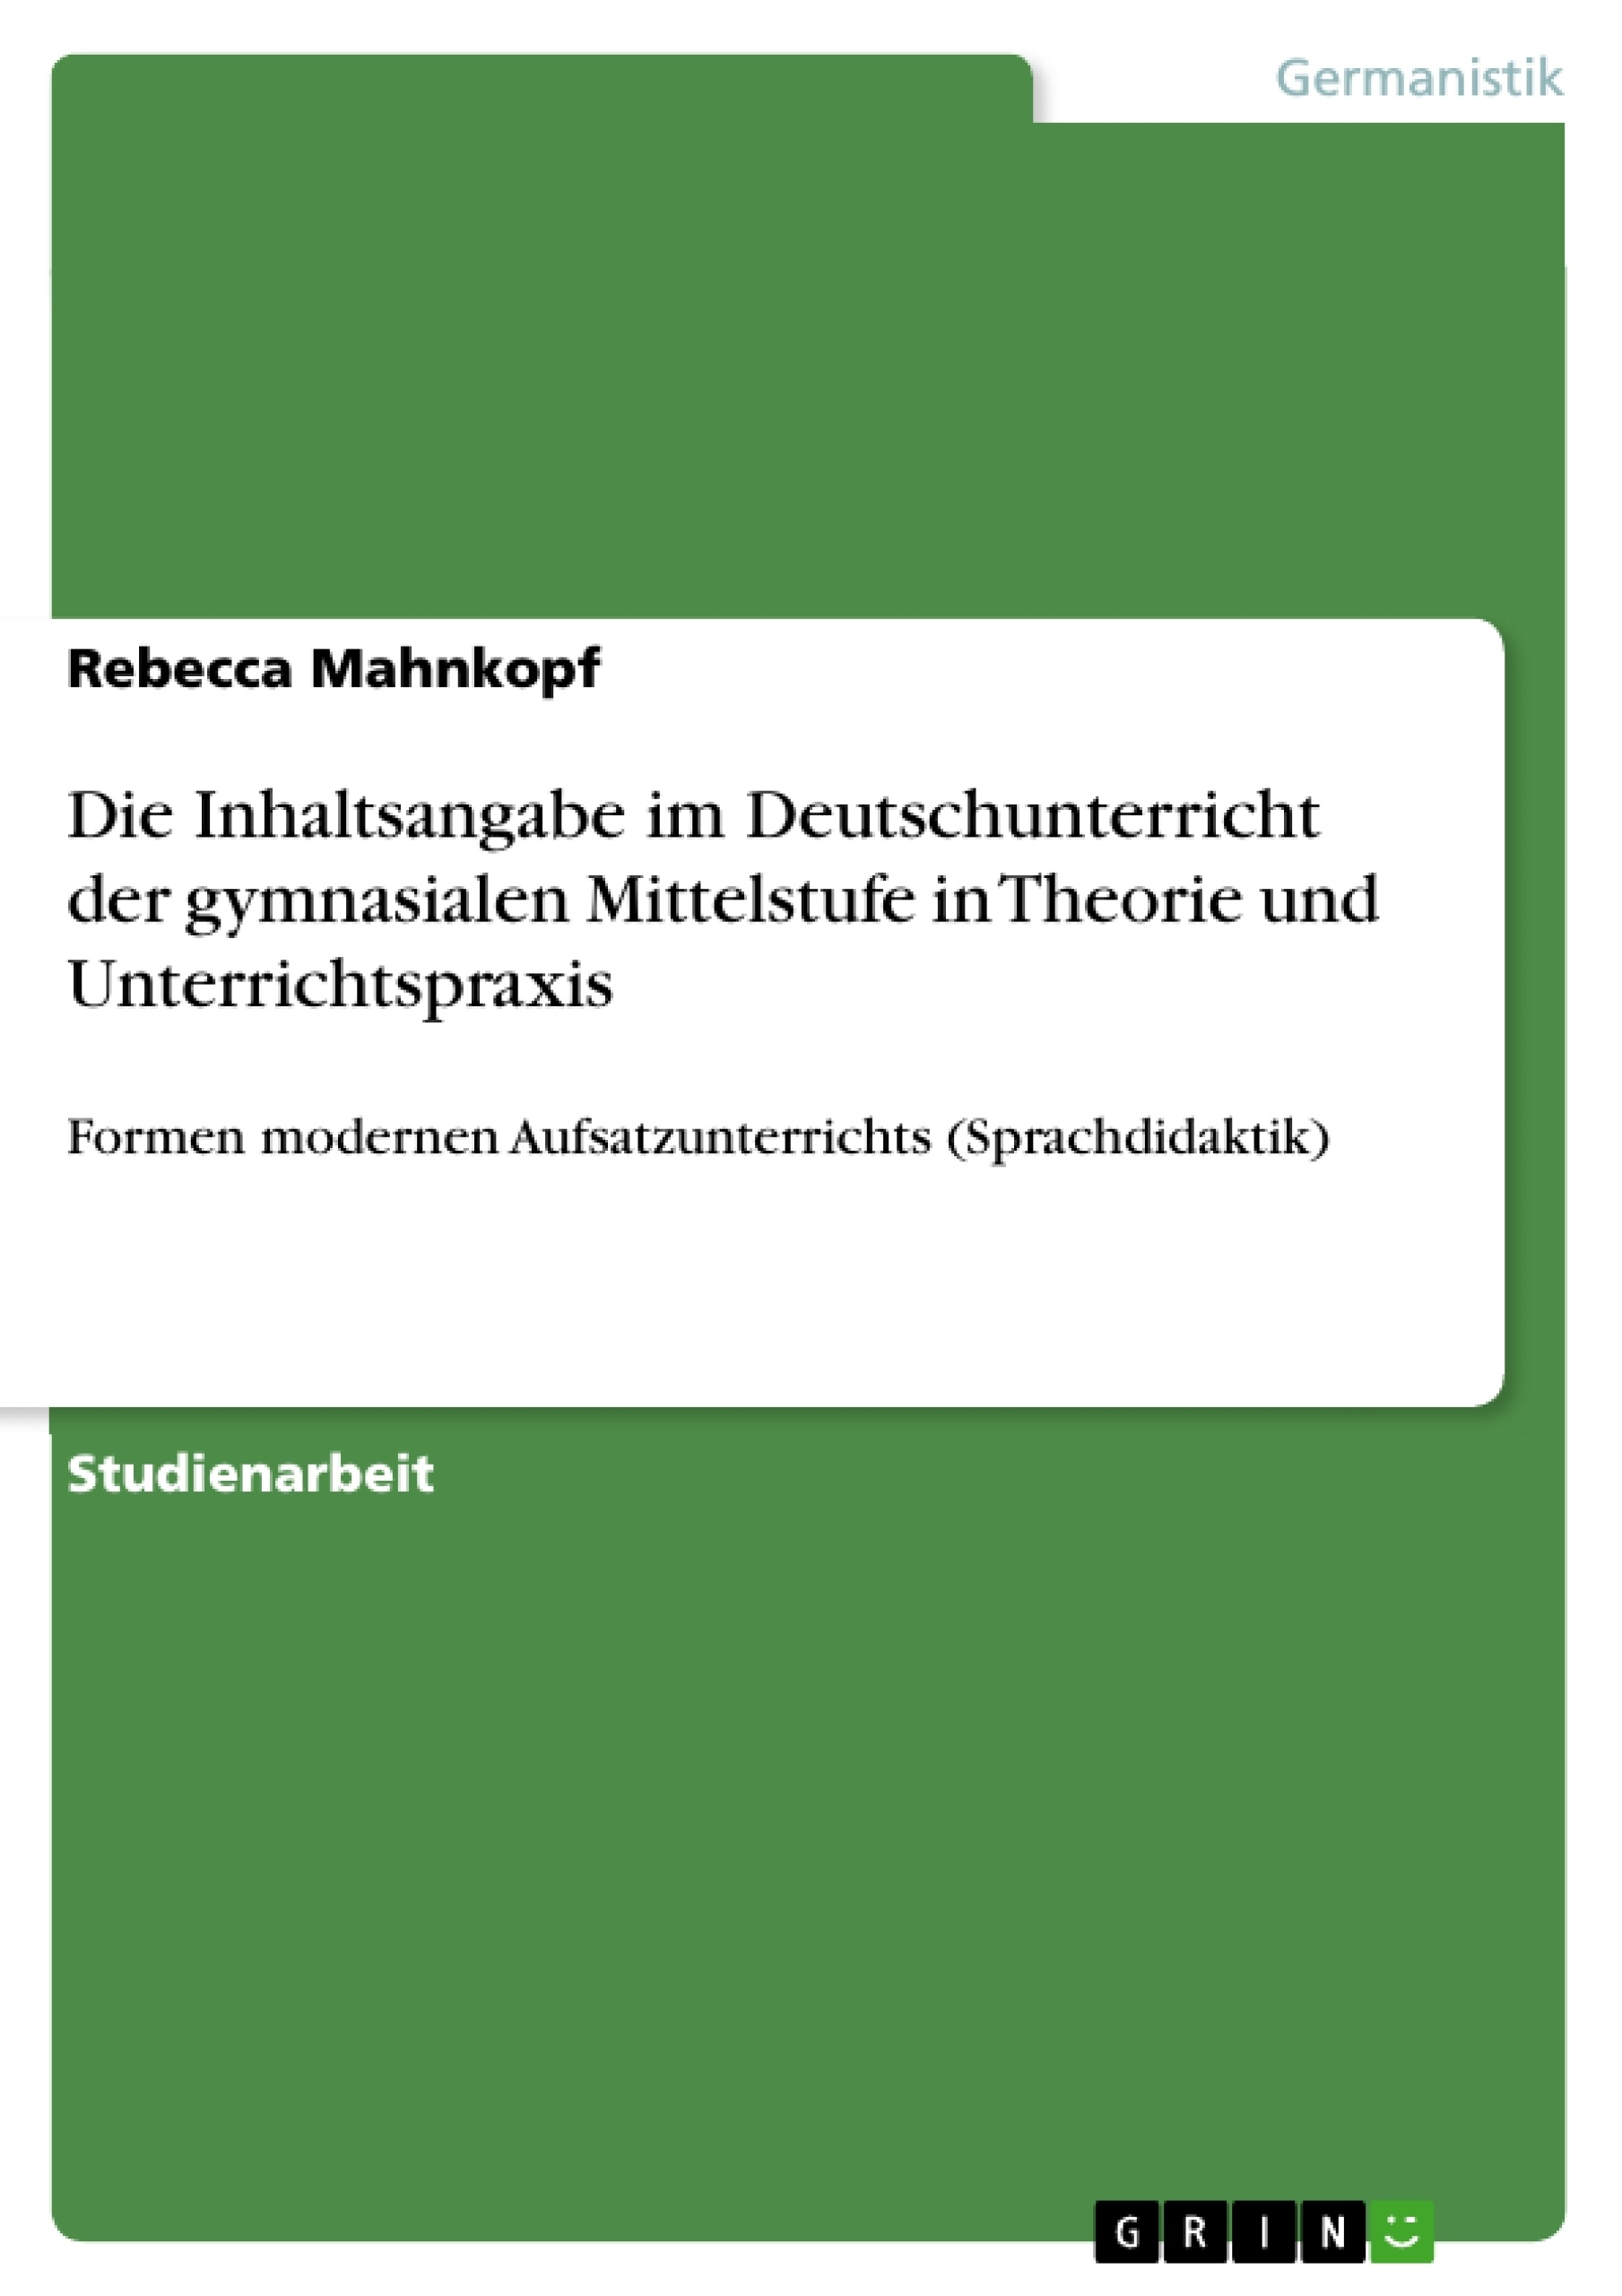 Die Inhaltsangabe Im Deutschunterricht Der Gymnasialen Mittelstufe